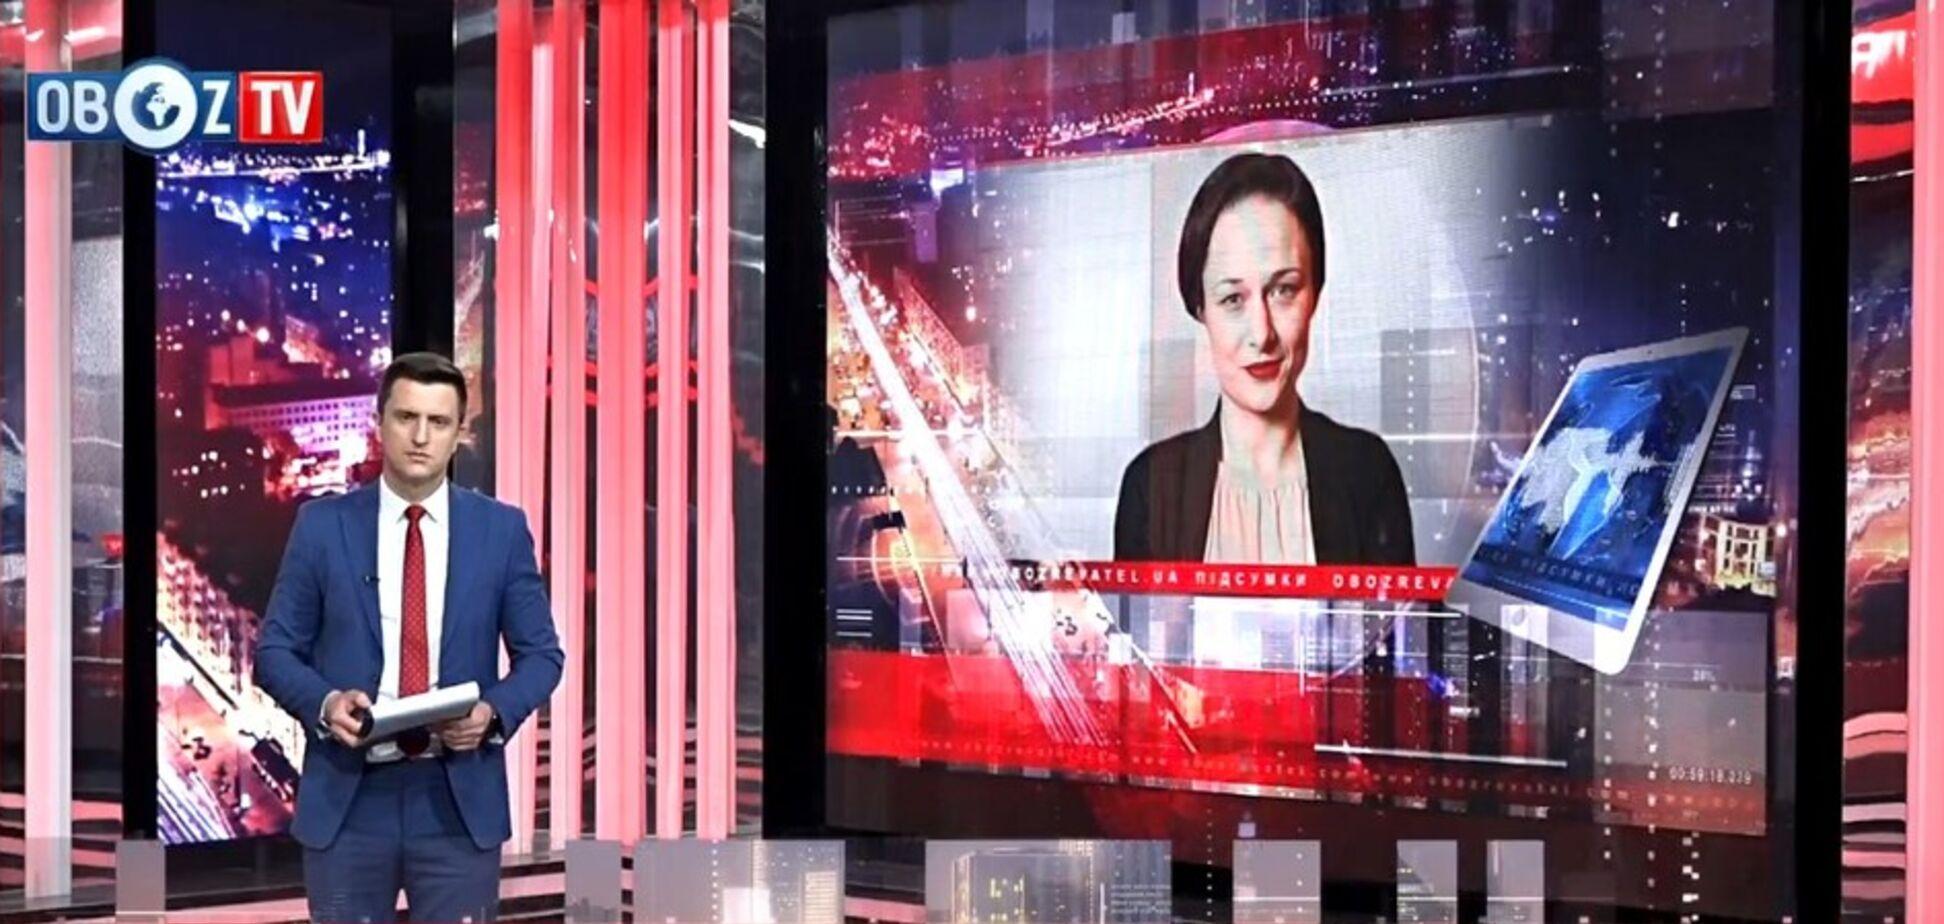 Все більше українців незадоволені своєю роботою: експерт озвучила статистику